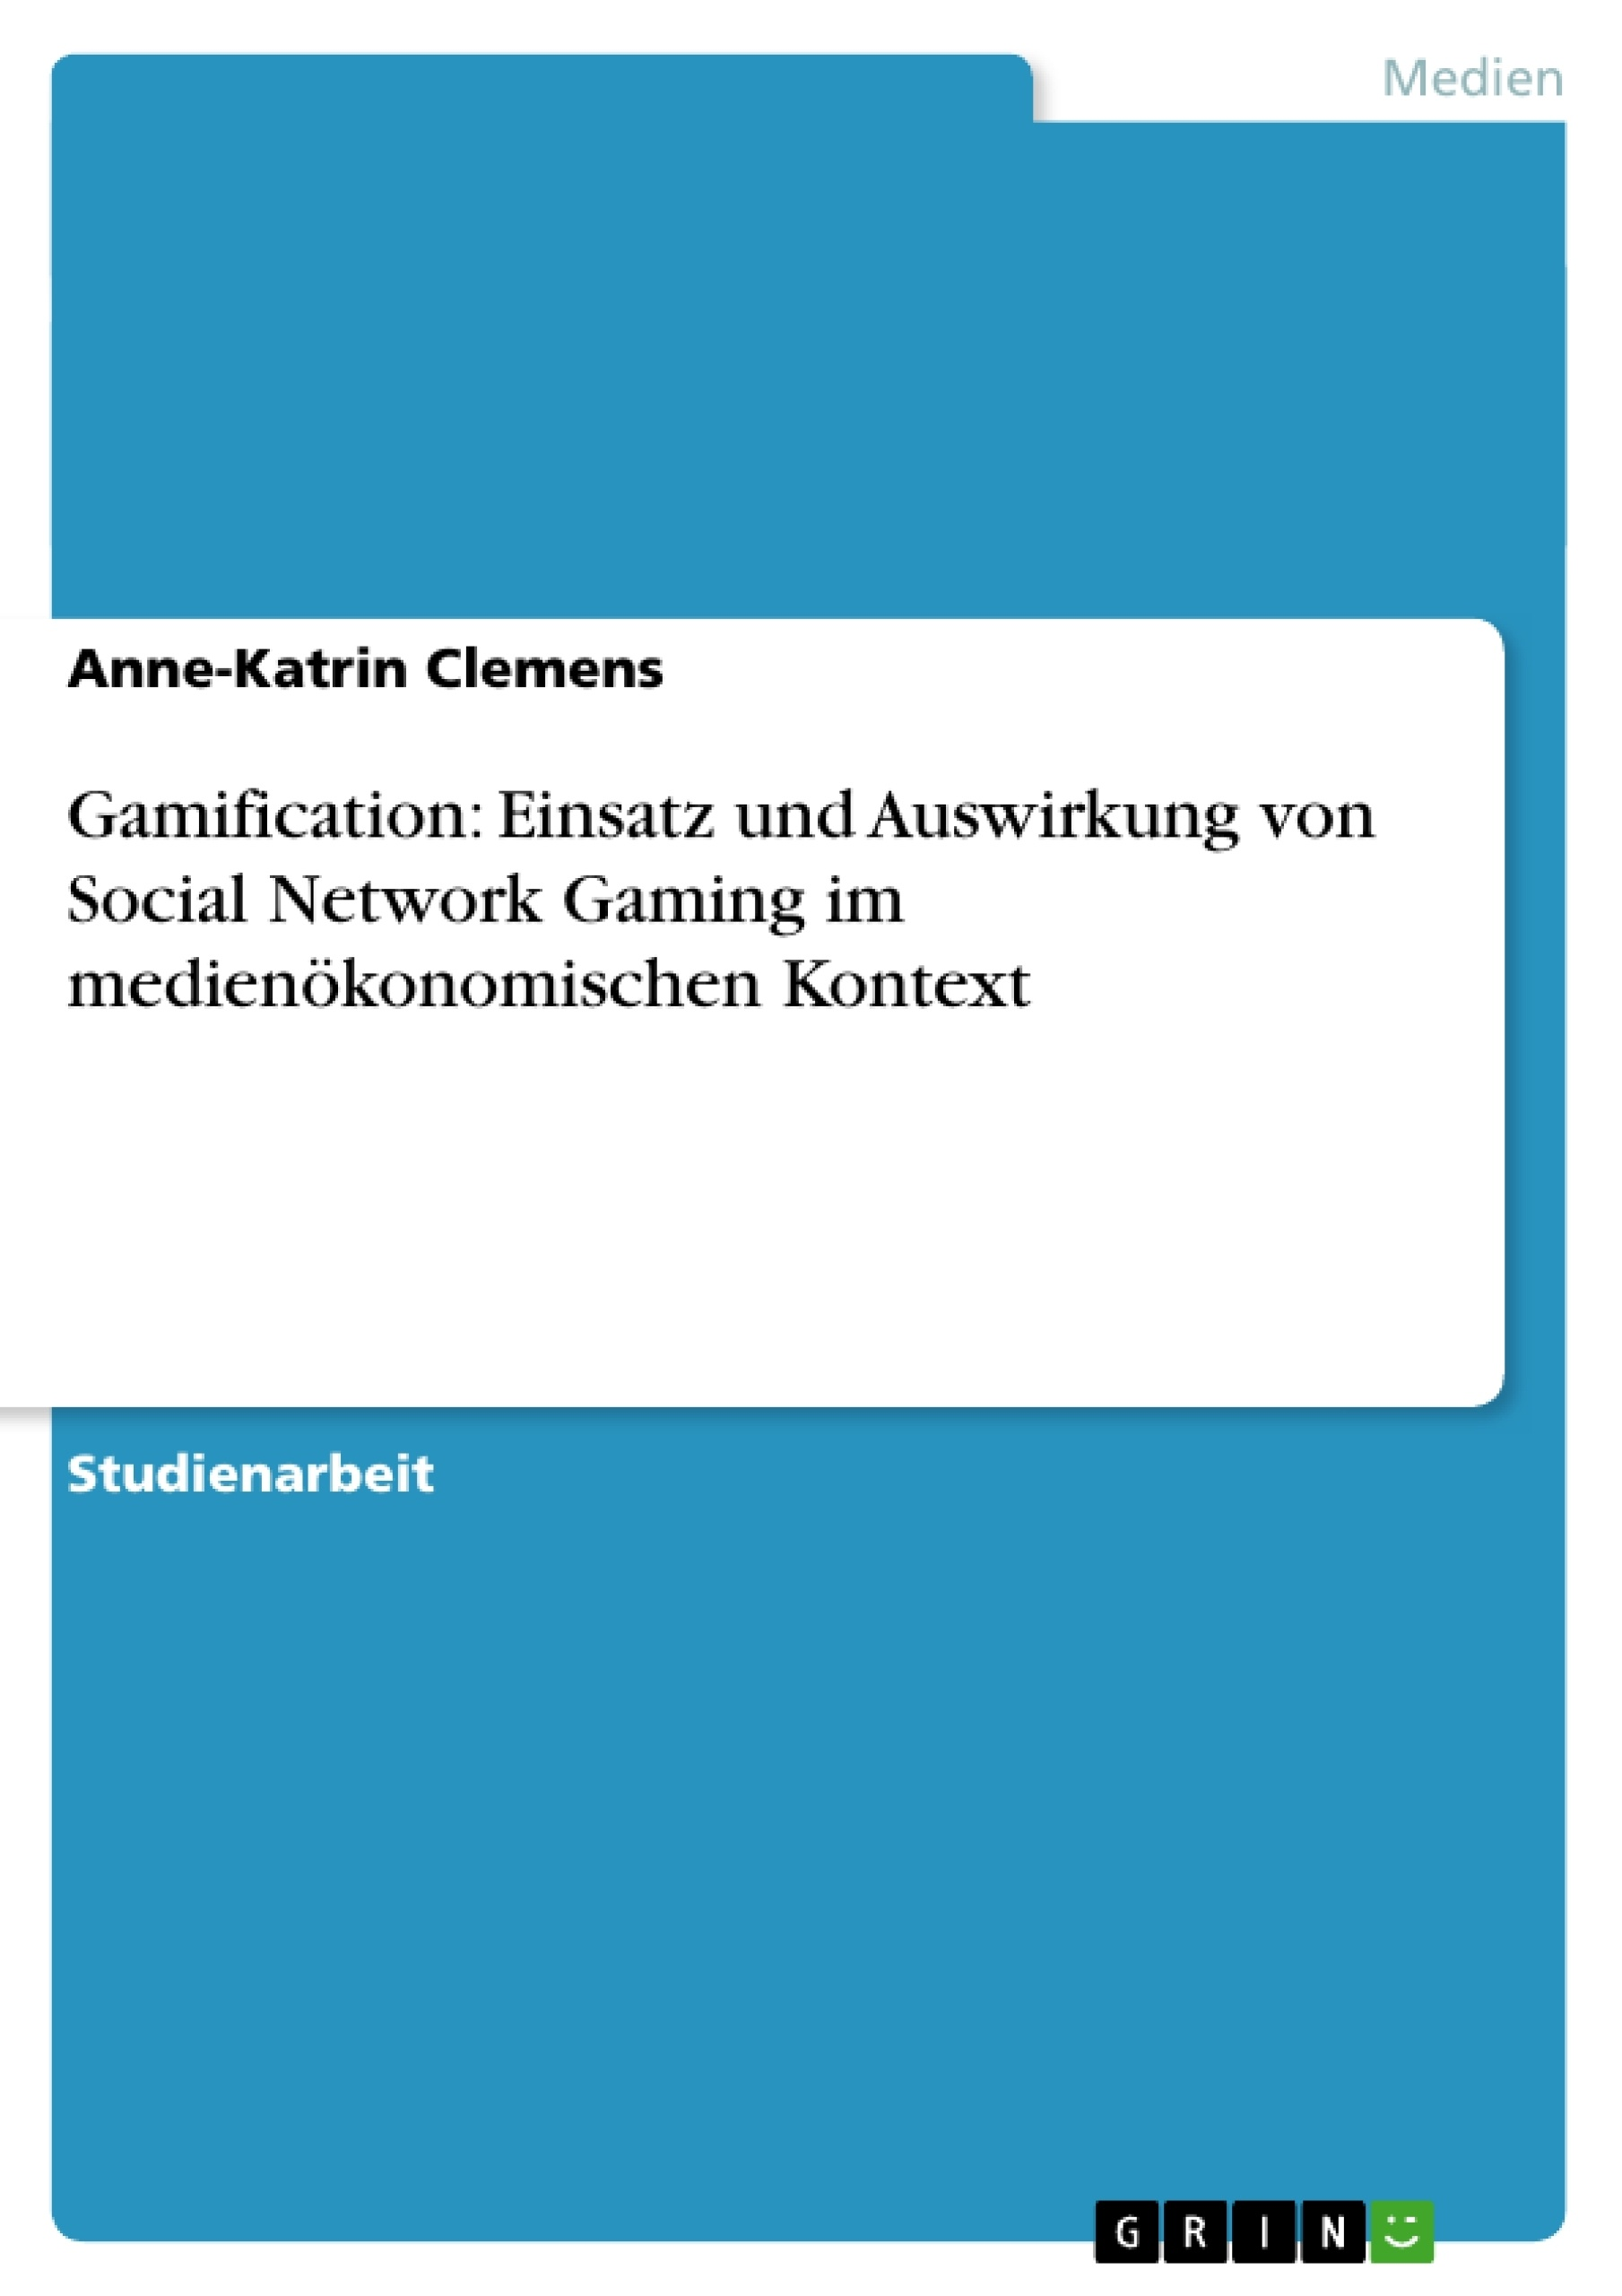 Titel: Gamification: Einsatz und Auswirkung von Social Network Gaming im medienökonomischen Kontext